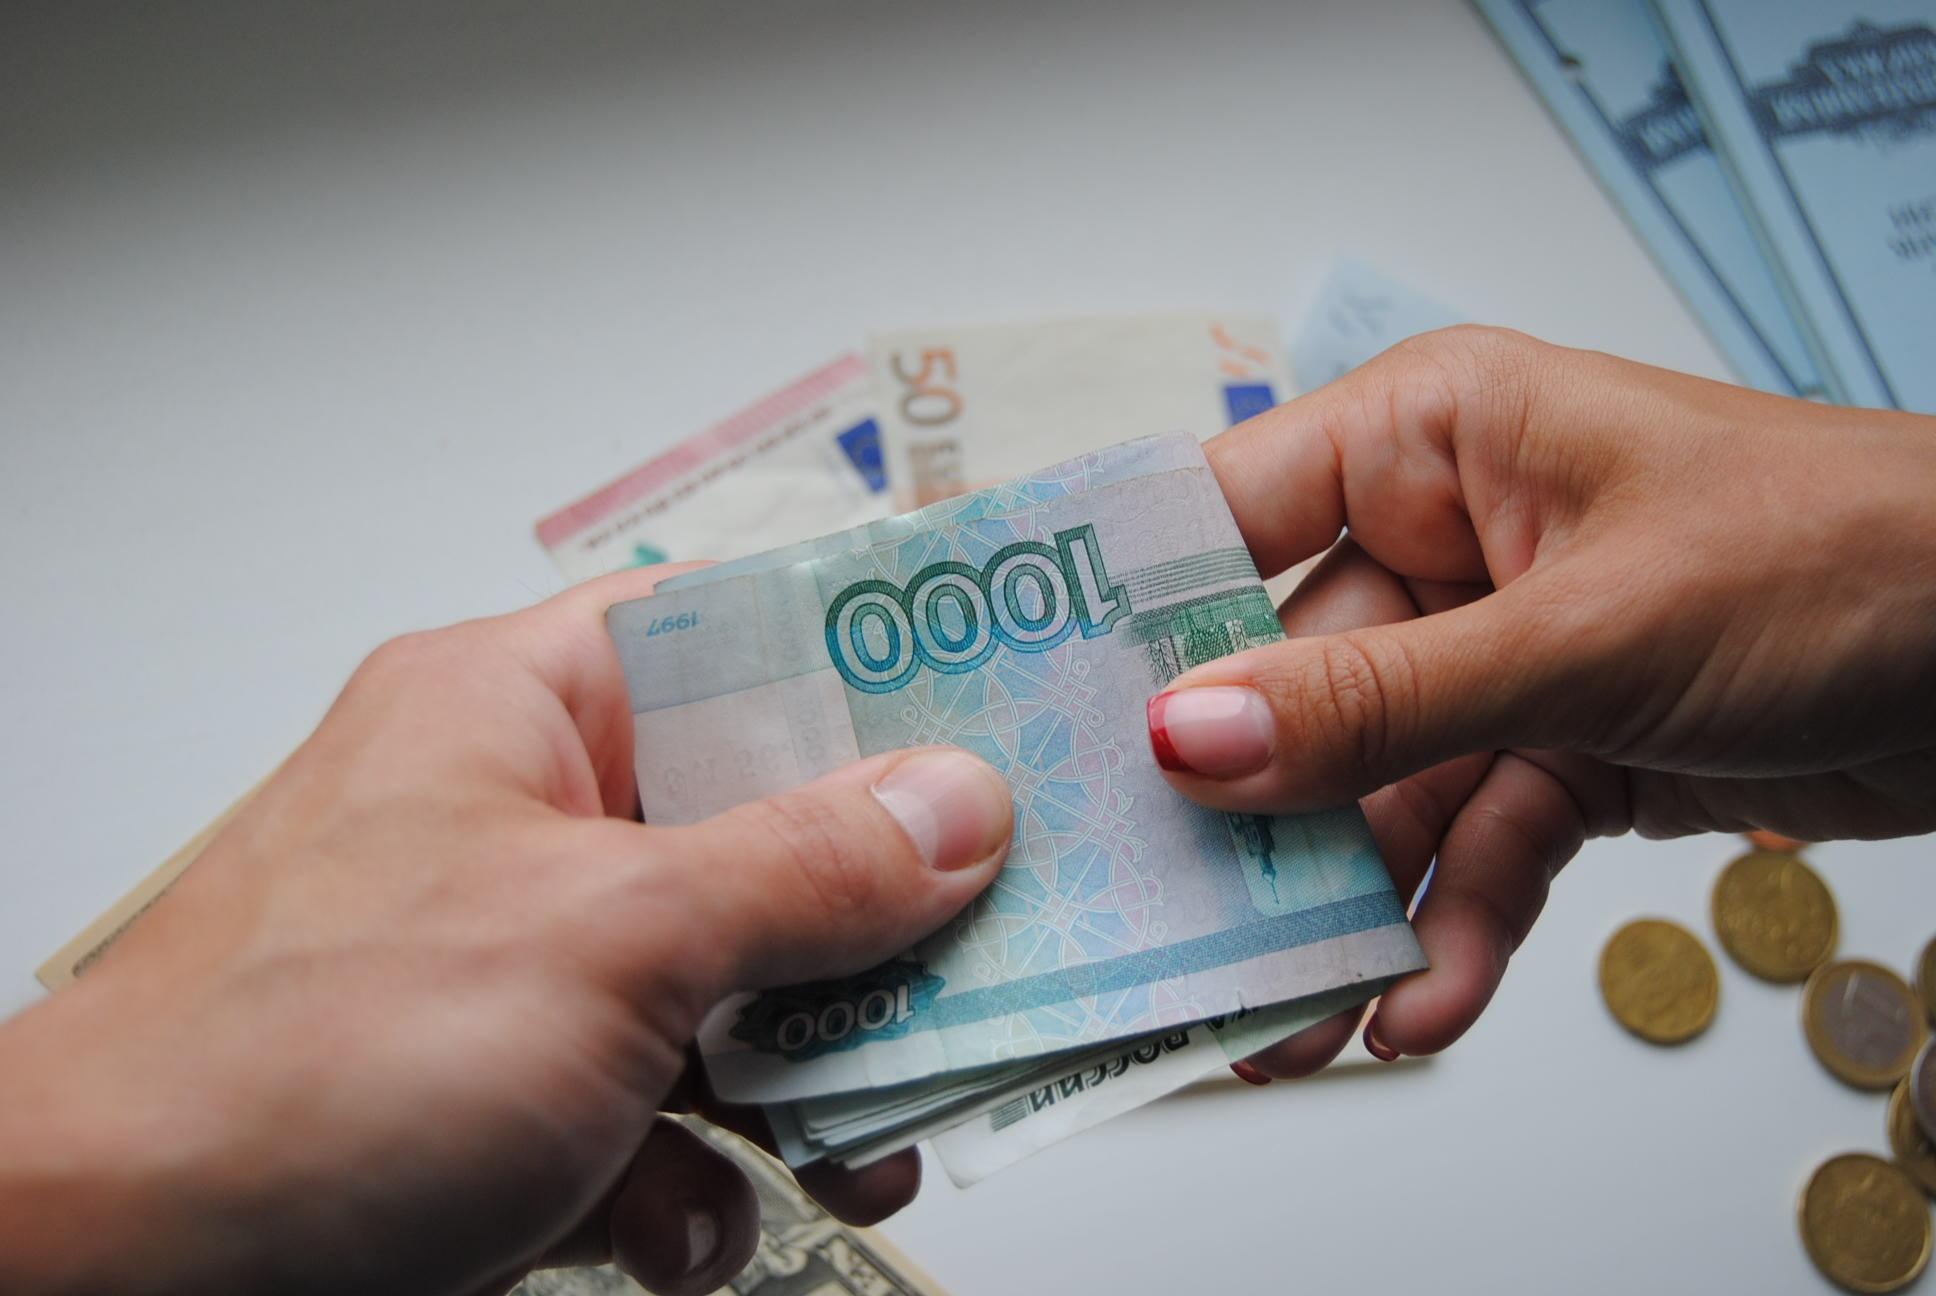 До получки займ онлайн заявка с любой кредитной историей